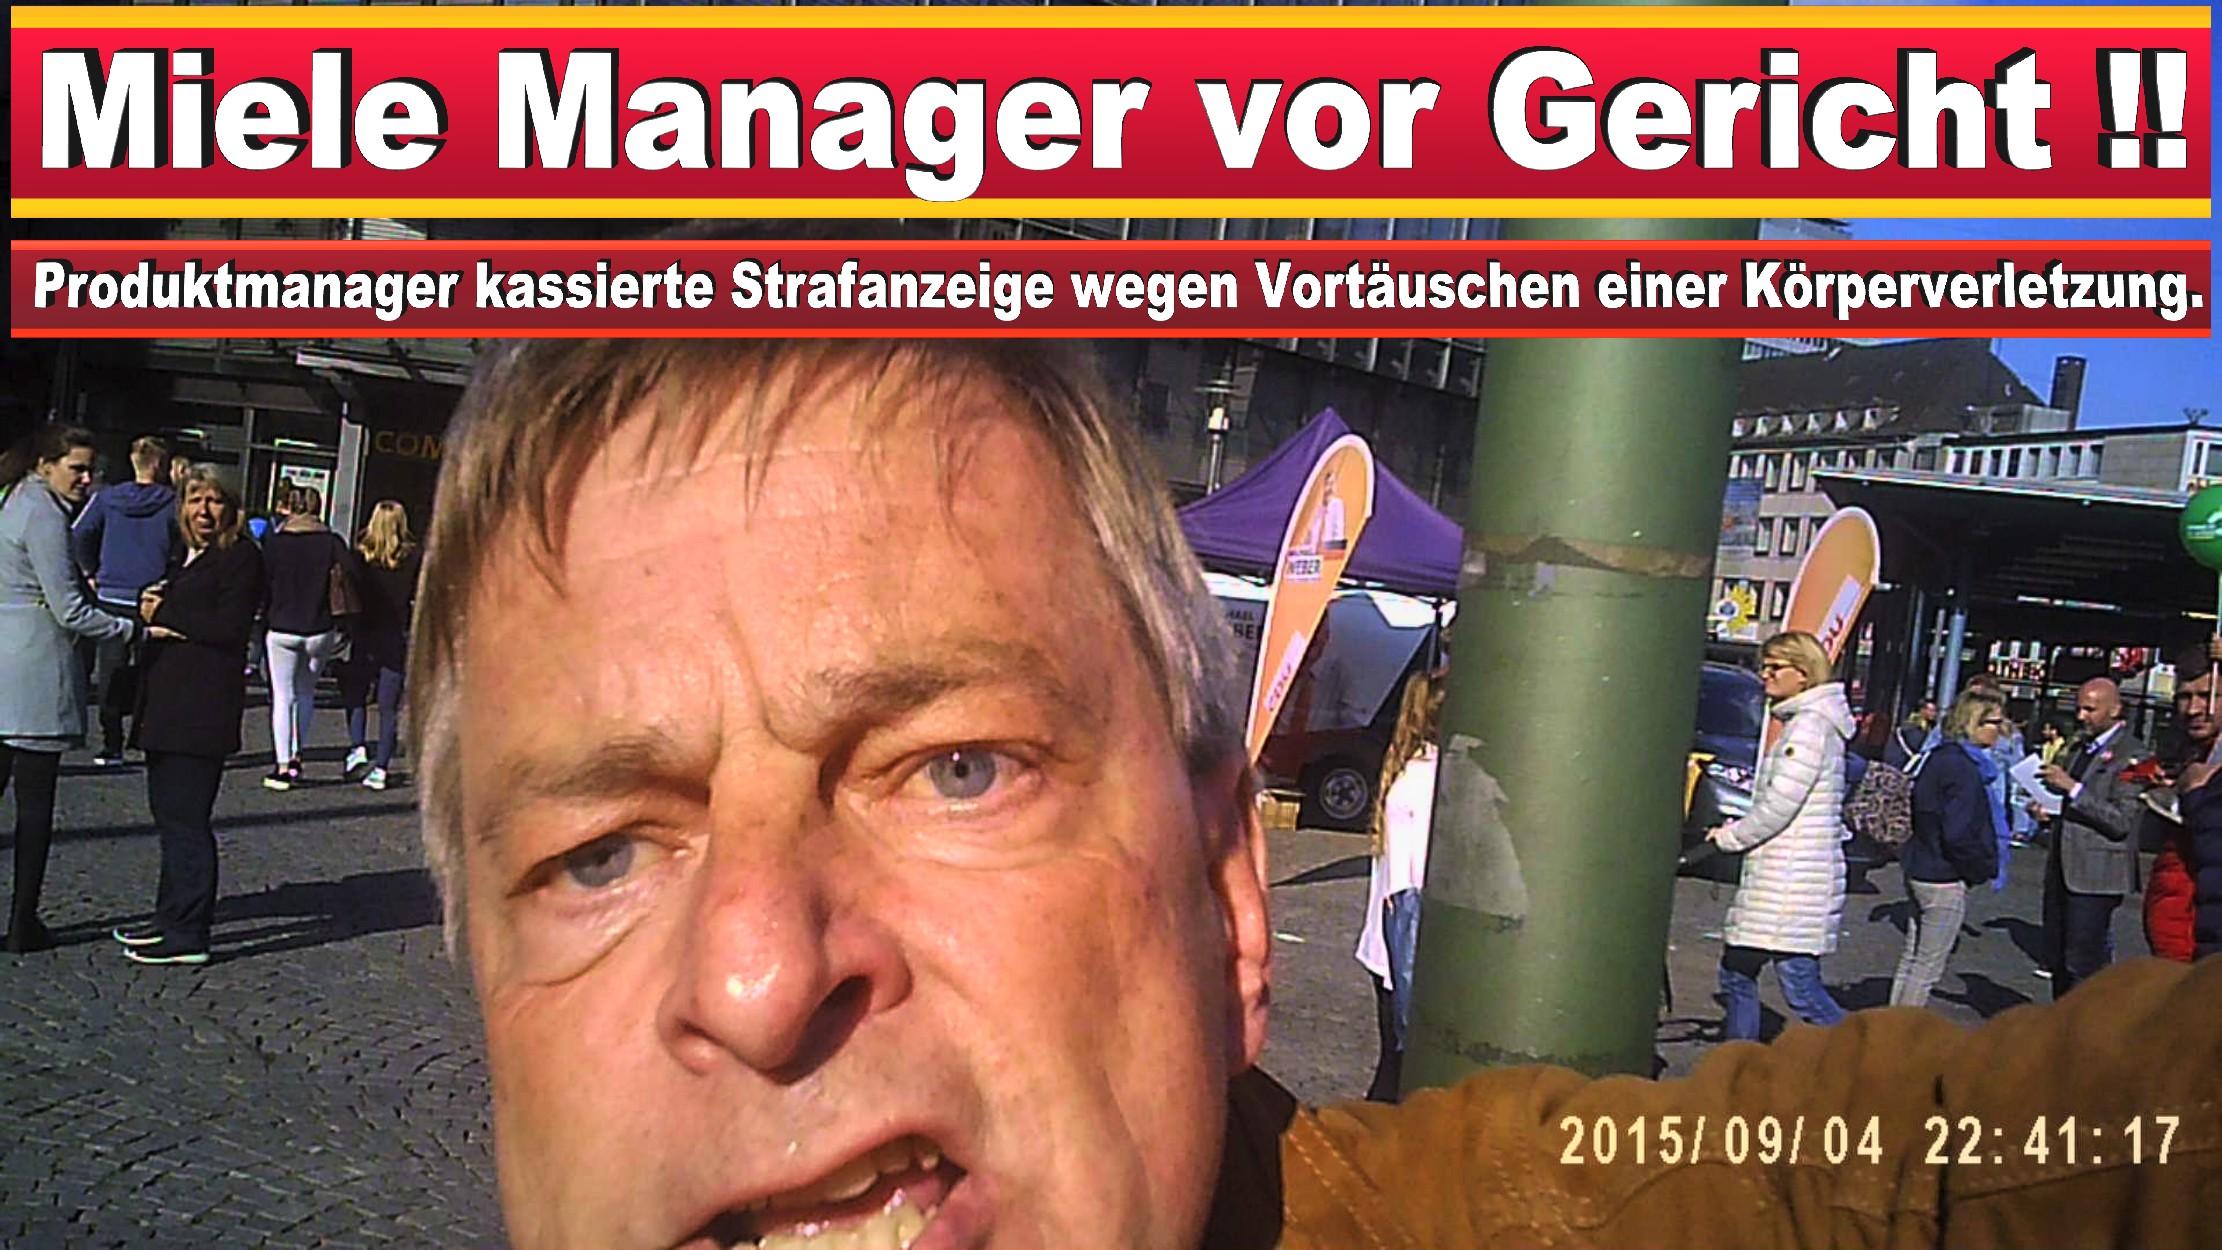 MICHAEL WEBER CDU BIELEFELD GEWALTAUSBRUCH UND STRAFANZEIGE (5)